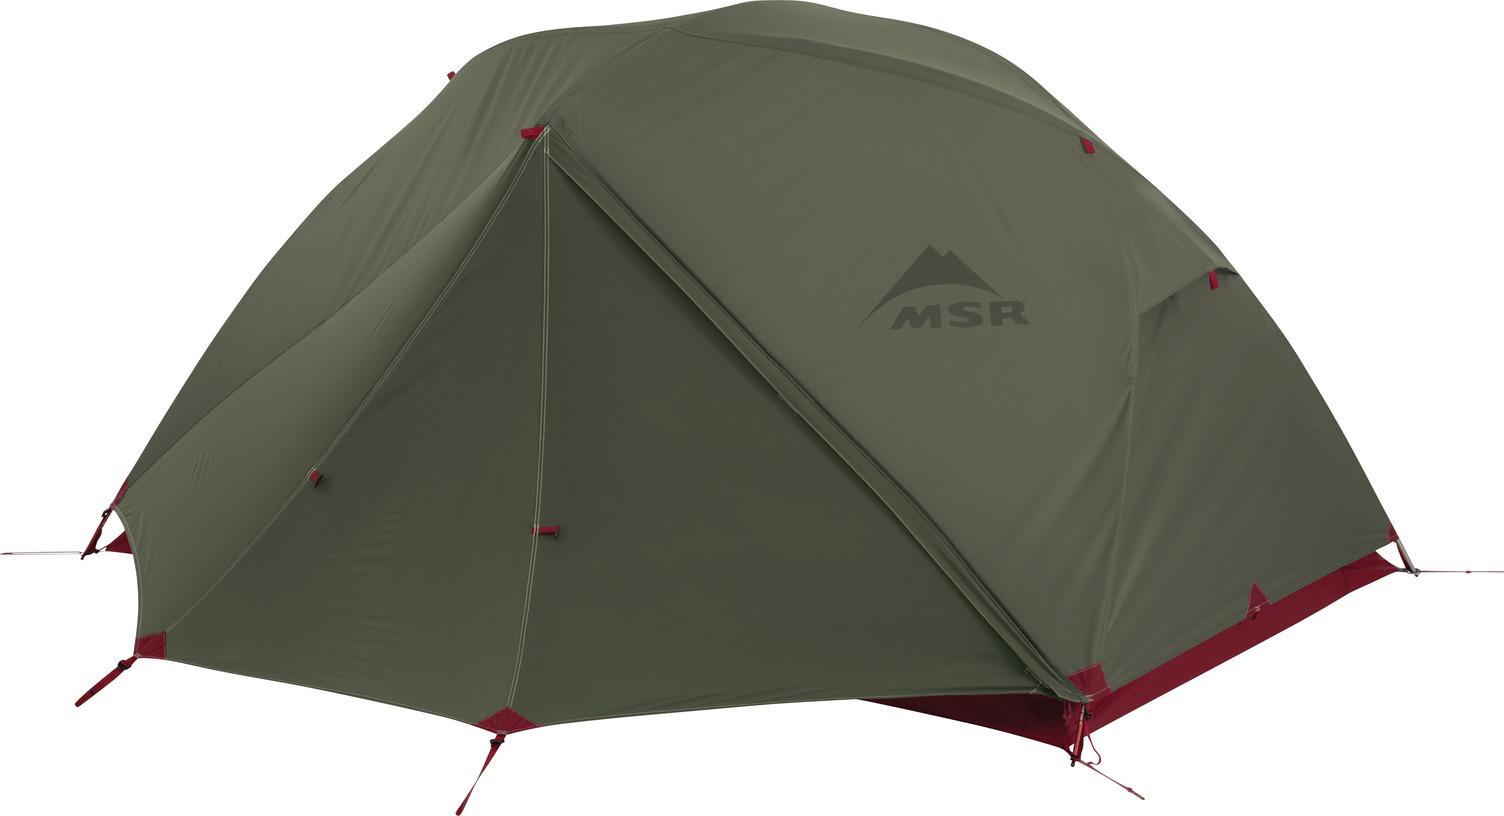 comparatif des tentes de randonn e msr ultra l g res 4 saisons abris et tarps. Black Bedroom Furniture Sets. Home Design Ideas